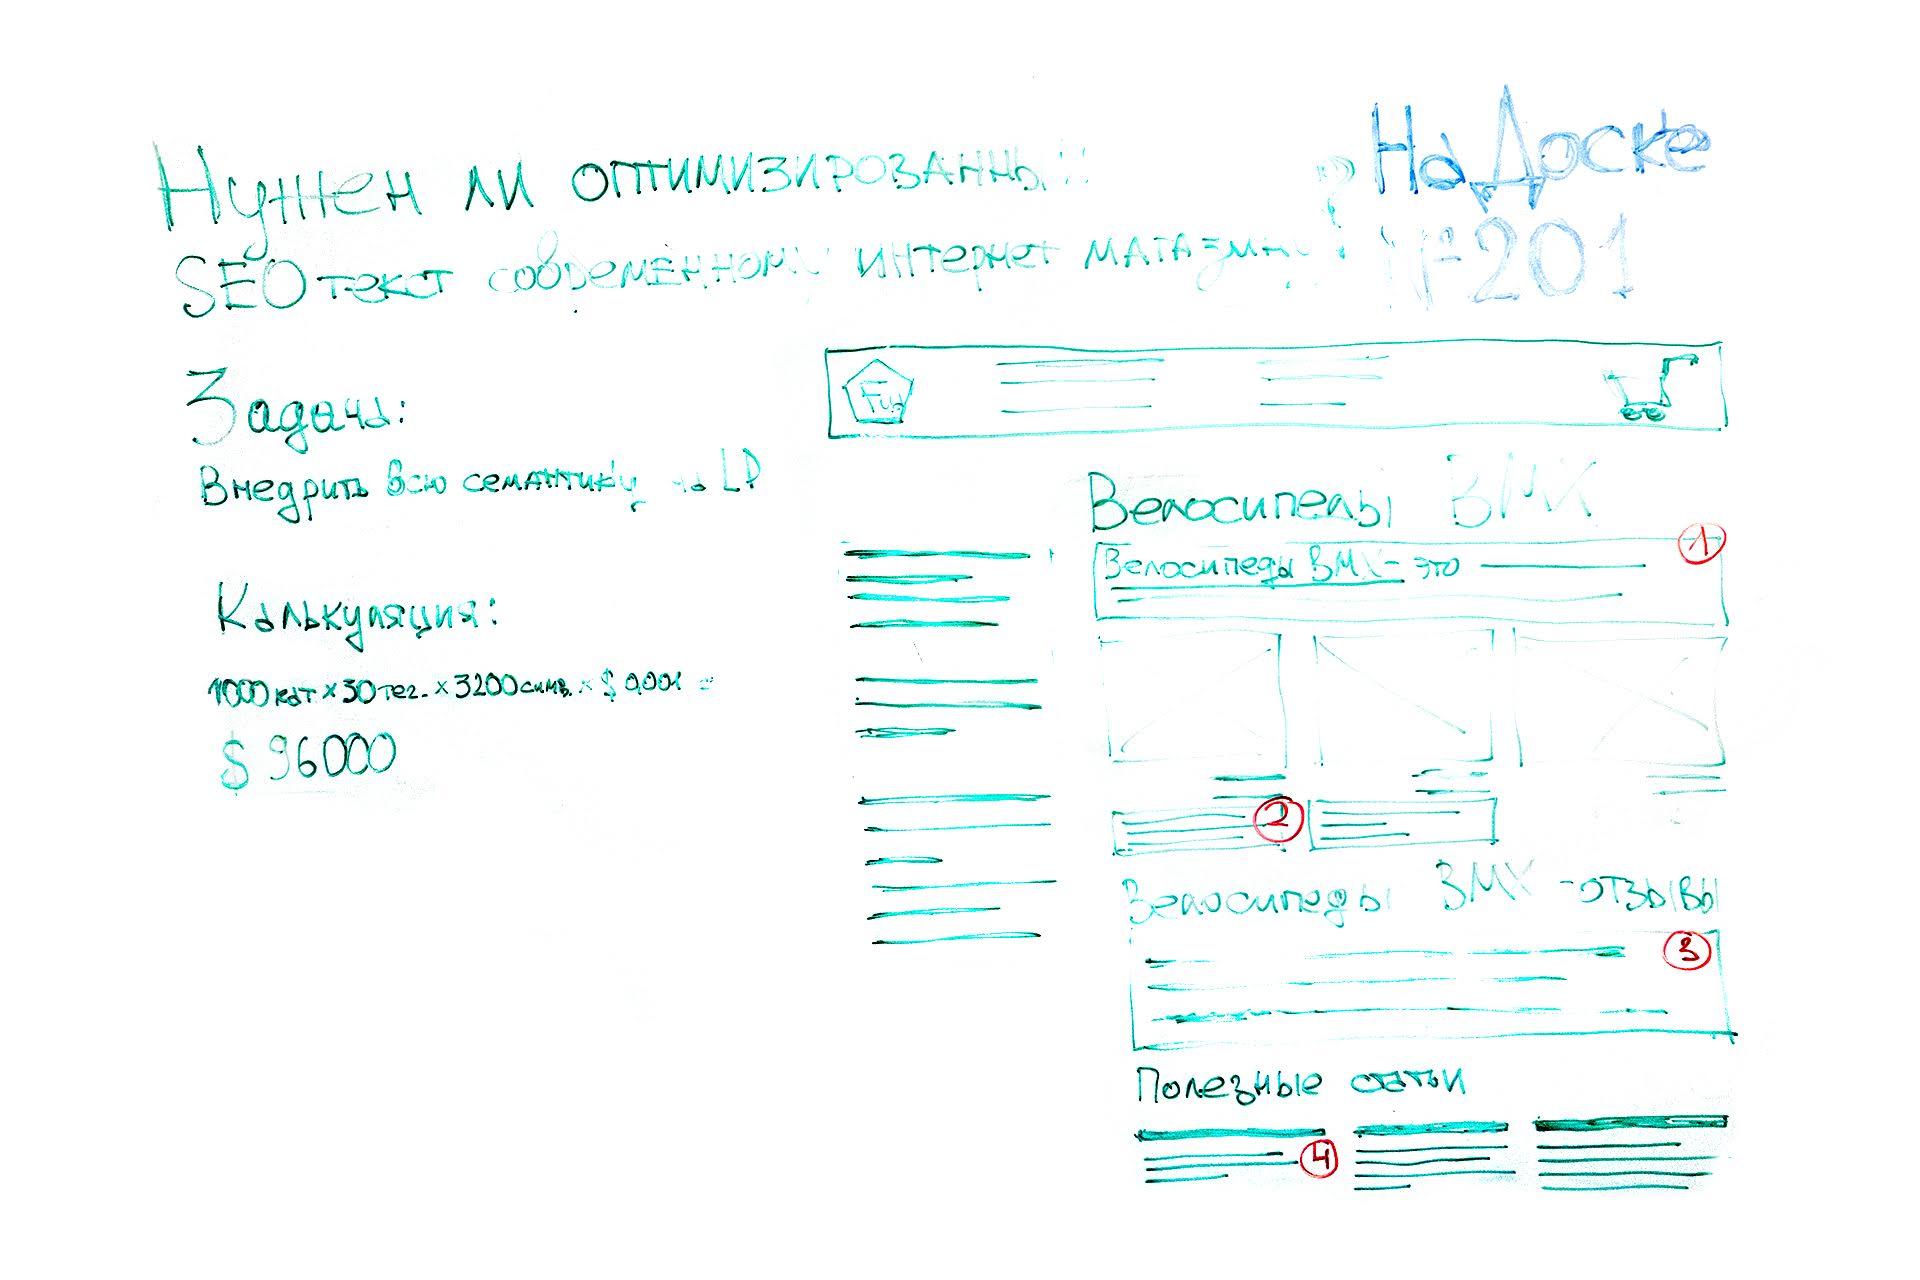 Фото с доски: Нужен ли оптимизированный SEO-текст интернет-магазину? - На Доске - выпуск № 201 с Игорь Шулежко